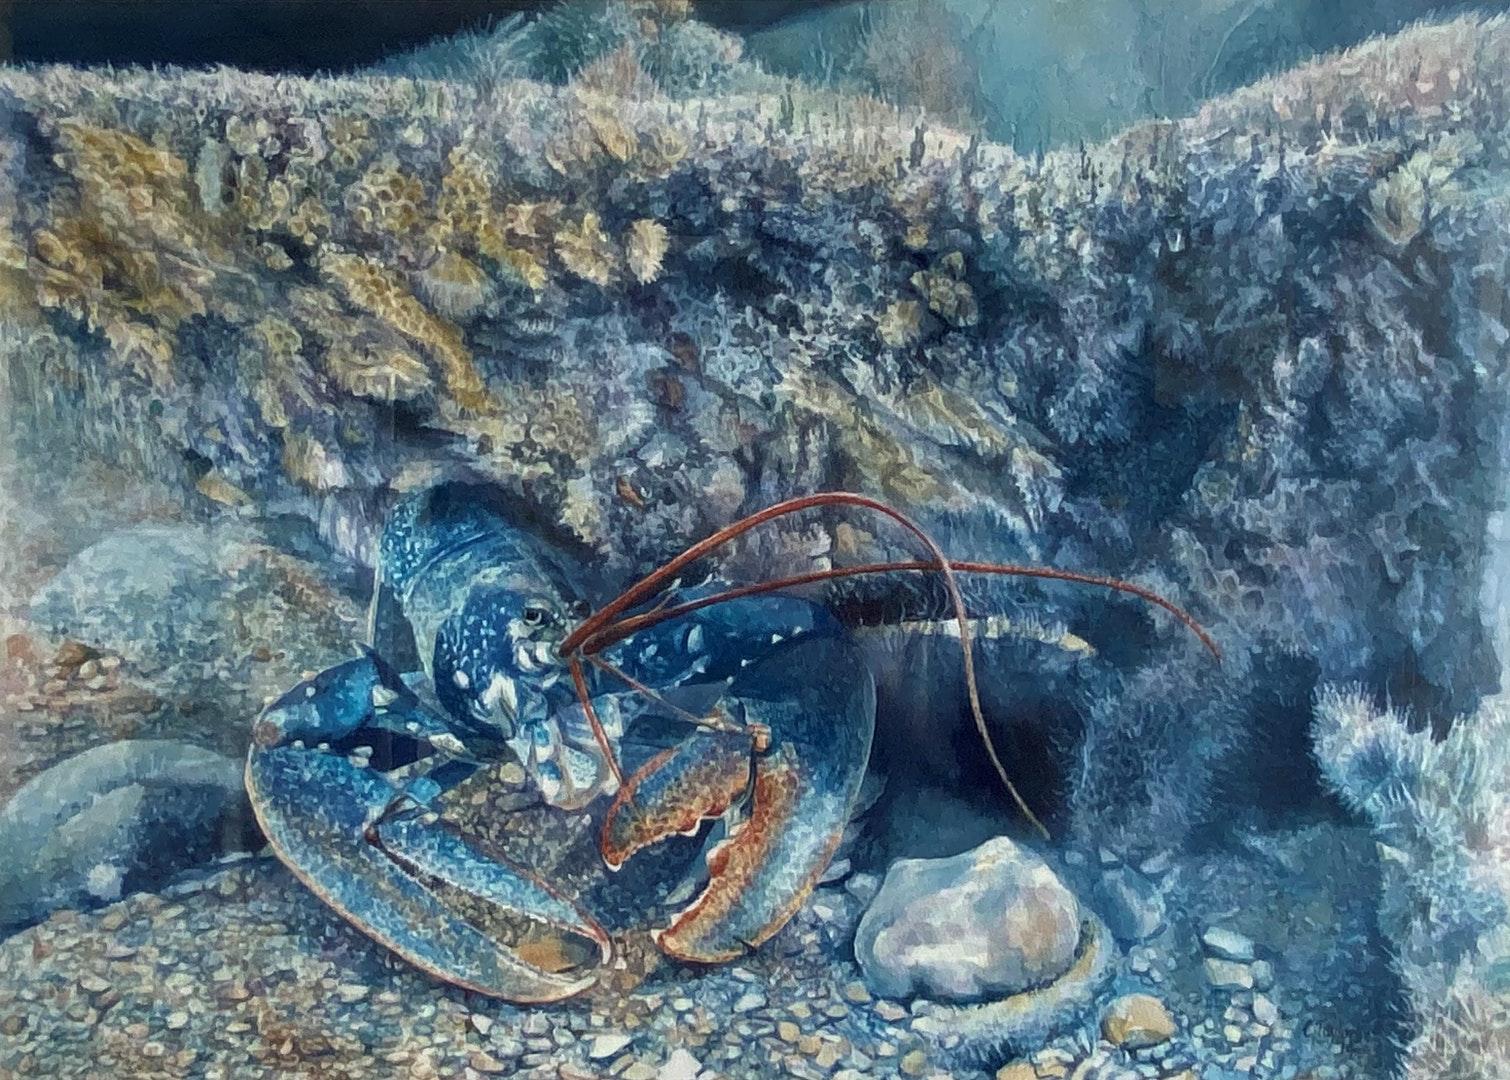 'Hide 'n' Seek', Cathy Taylor, Watercolour on paper, 51 x 71 cm